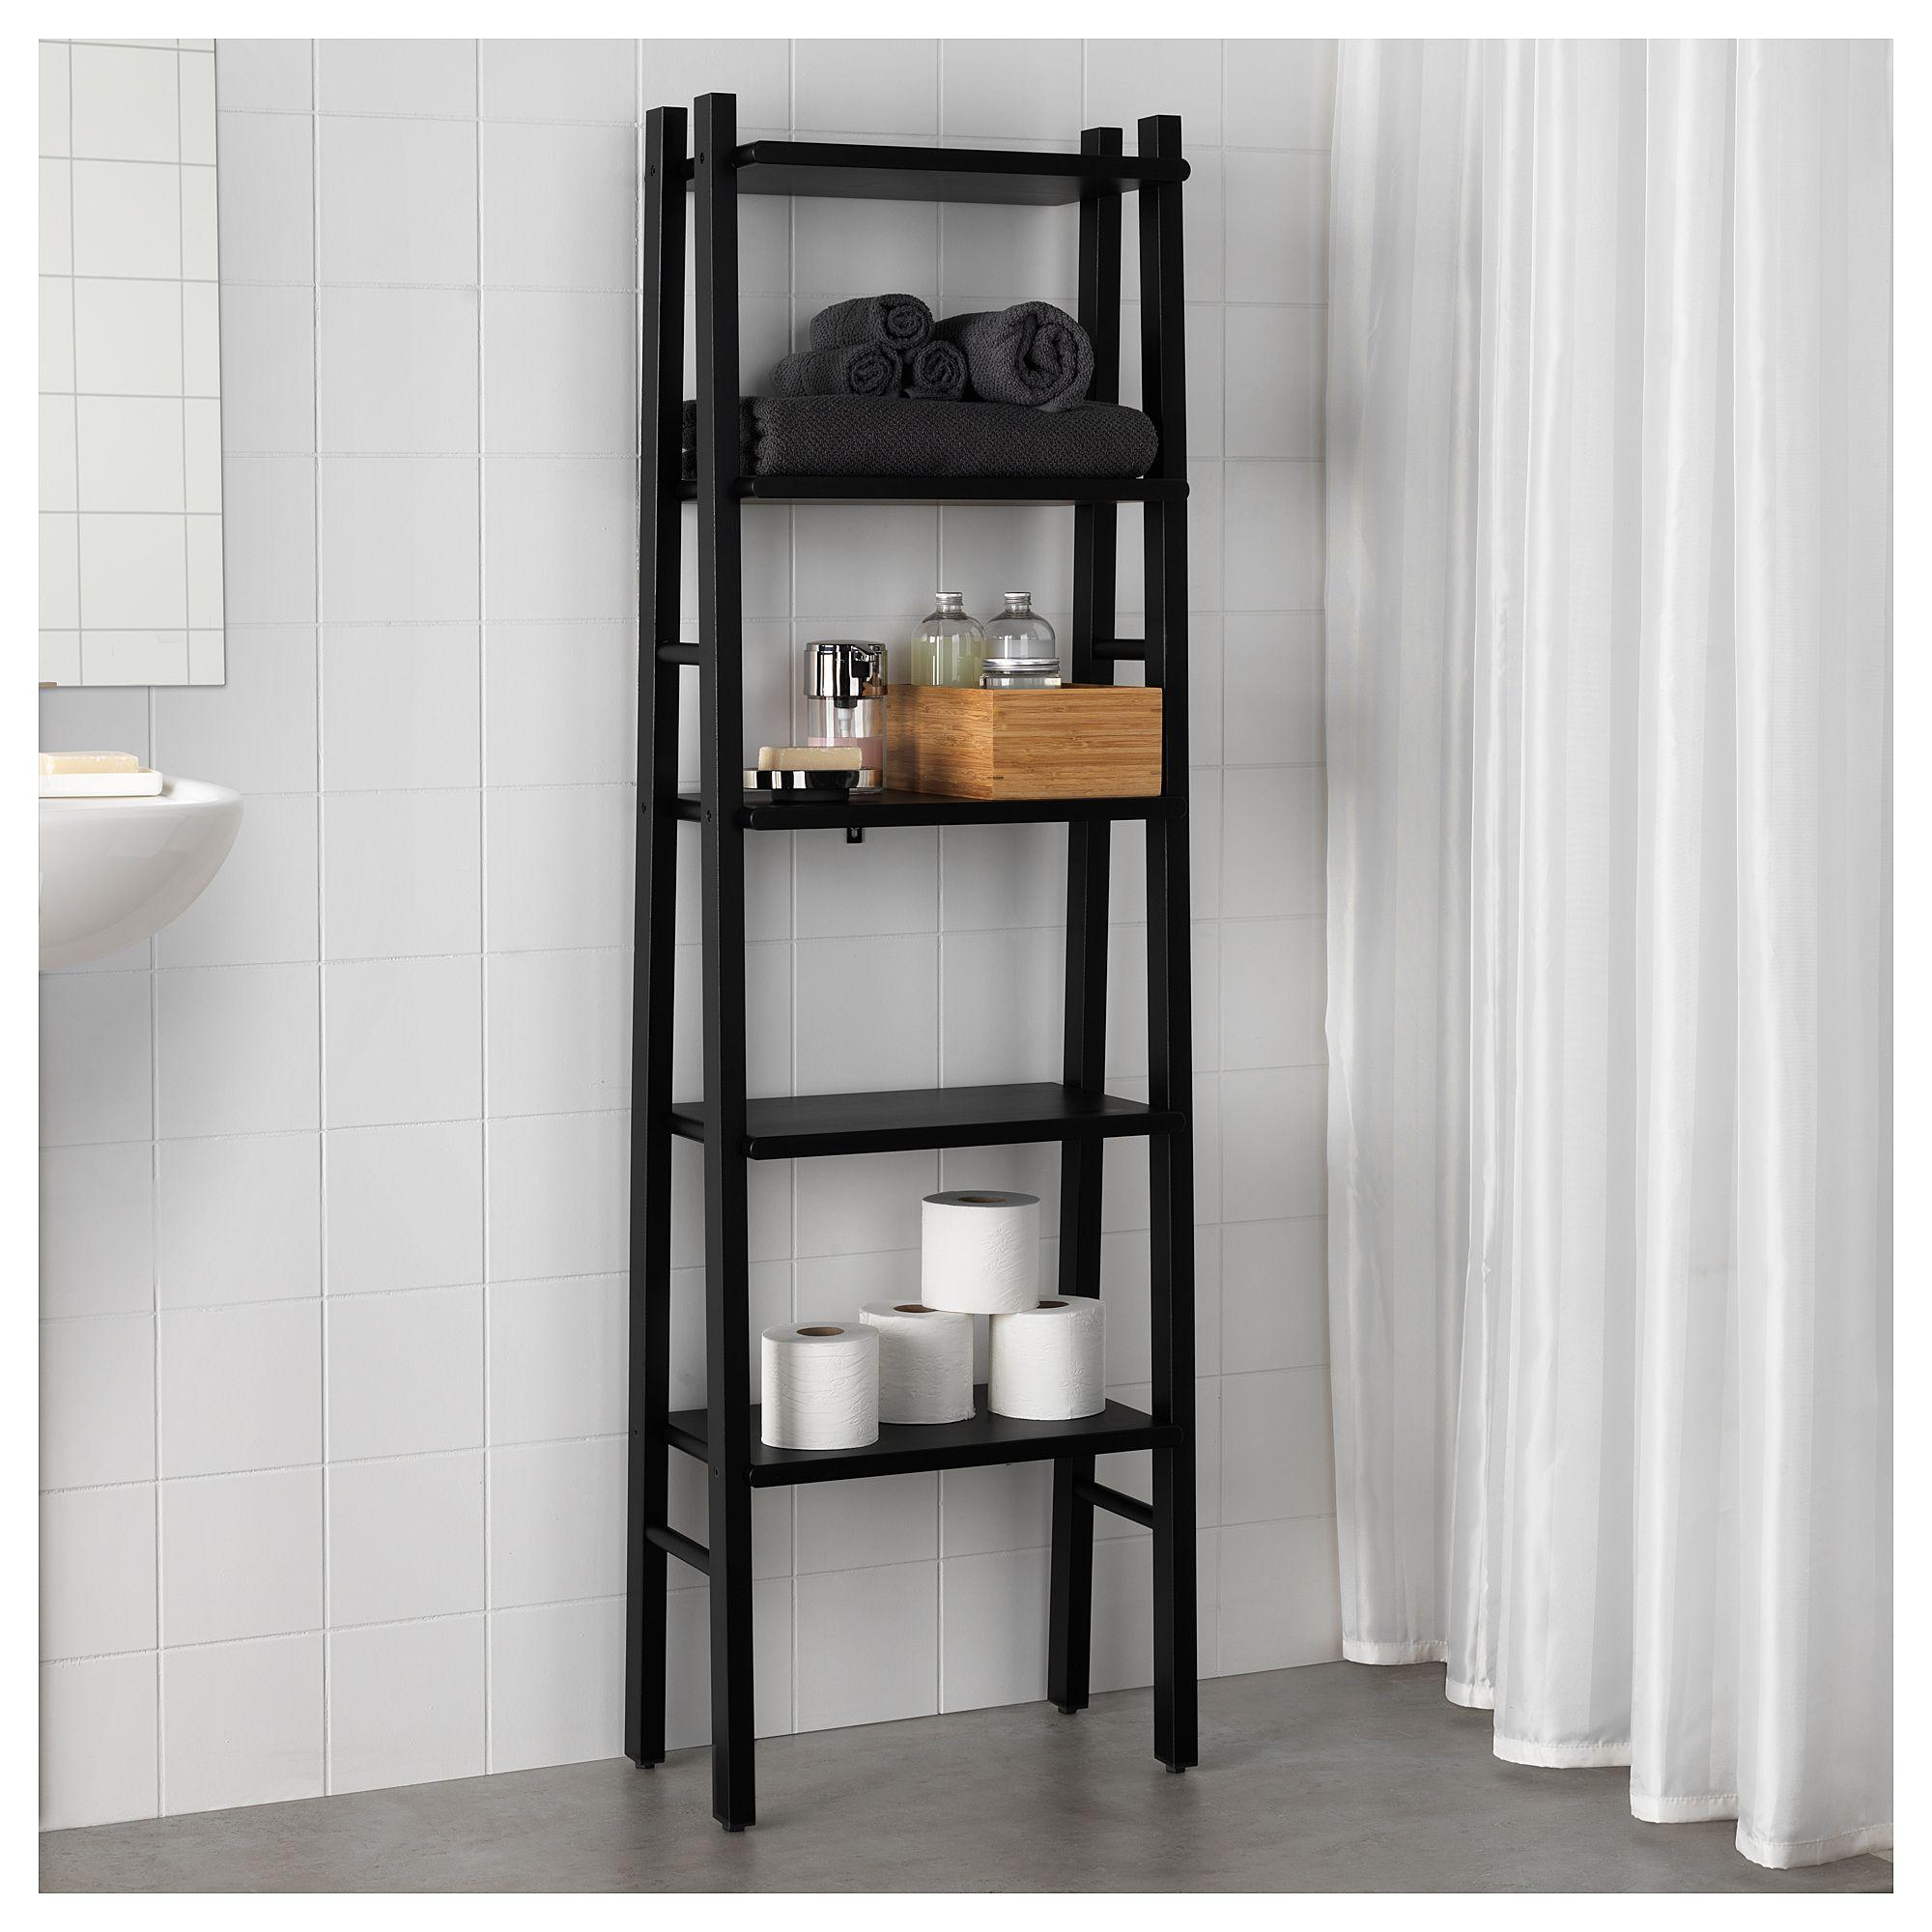 Mensole In Legno Ikea vilto Étagère - noir 46x150 cm (con immagini) | arredamento